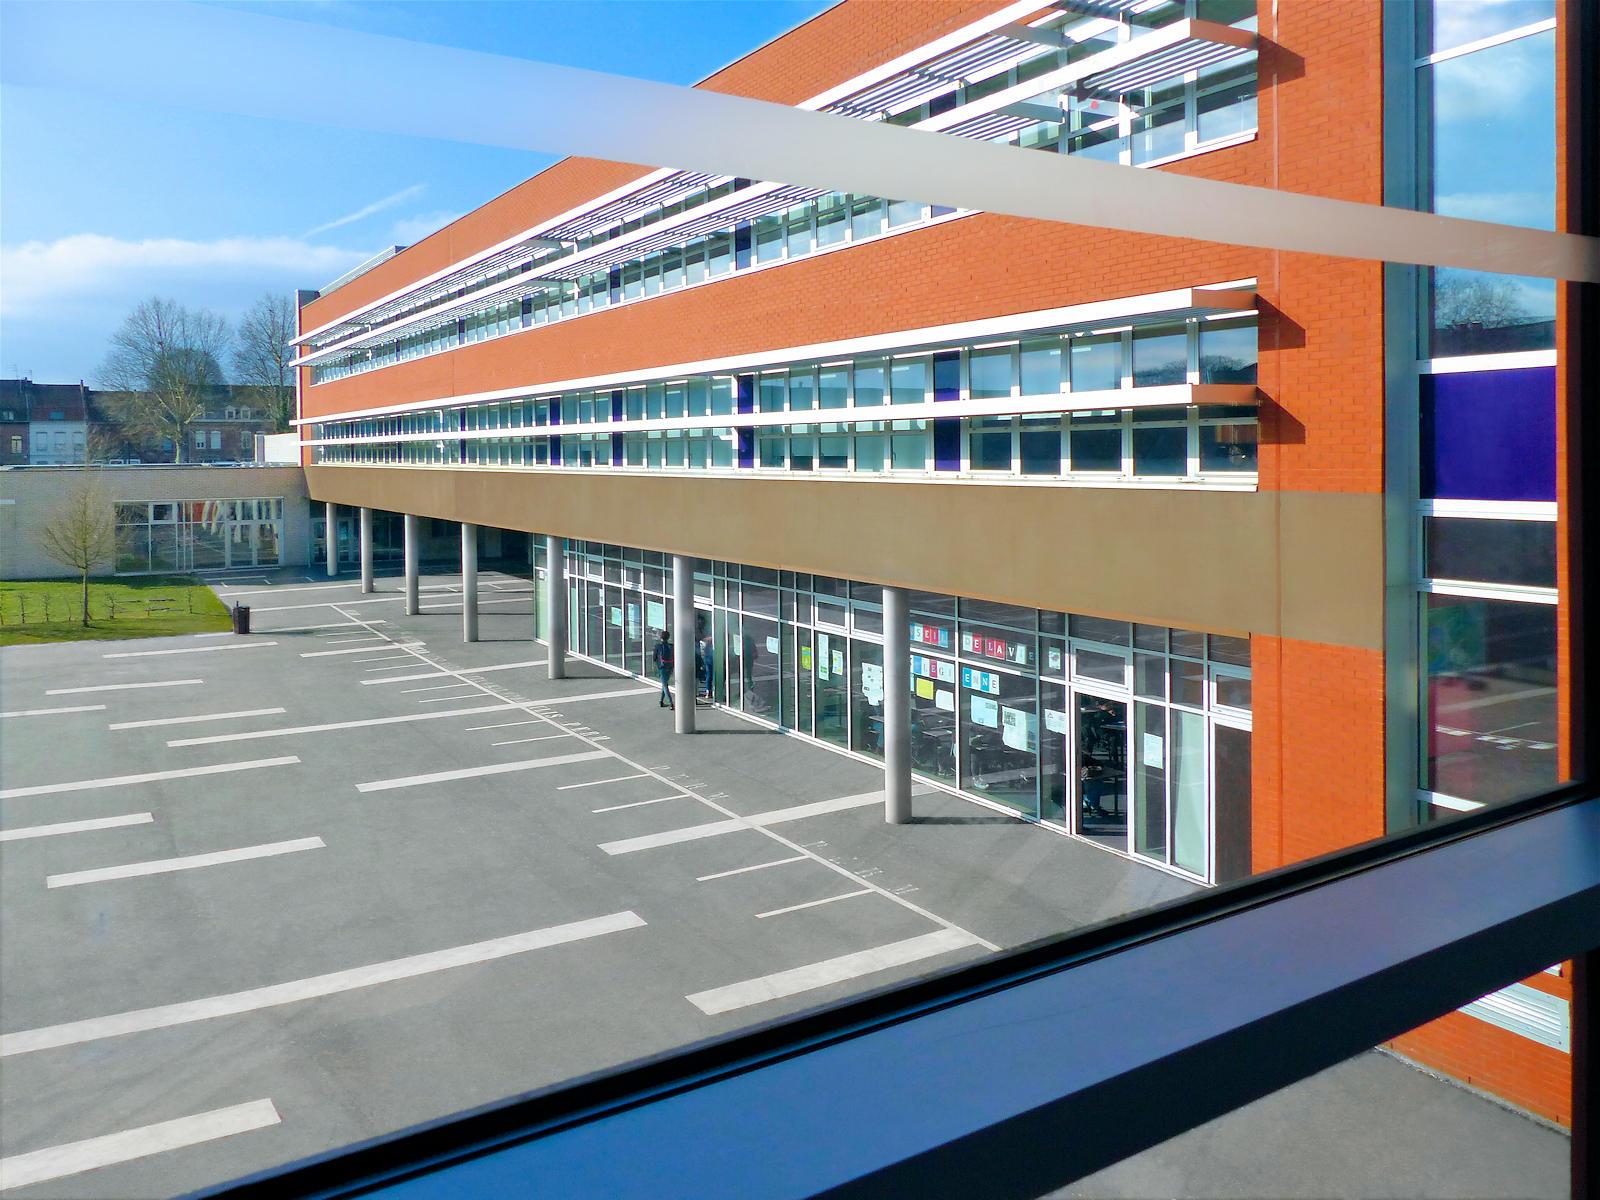 La cour du Collège Marie Curie de Tourcoing